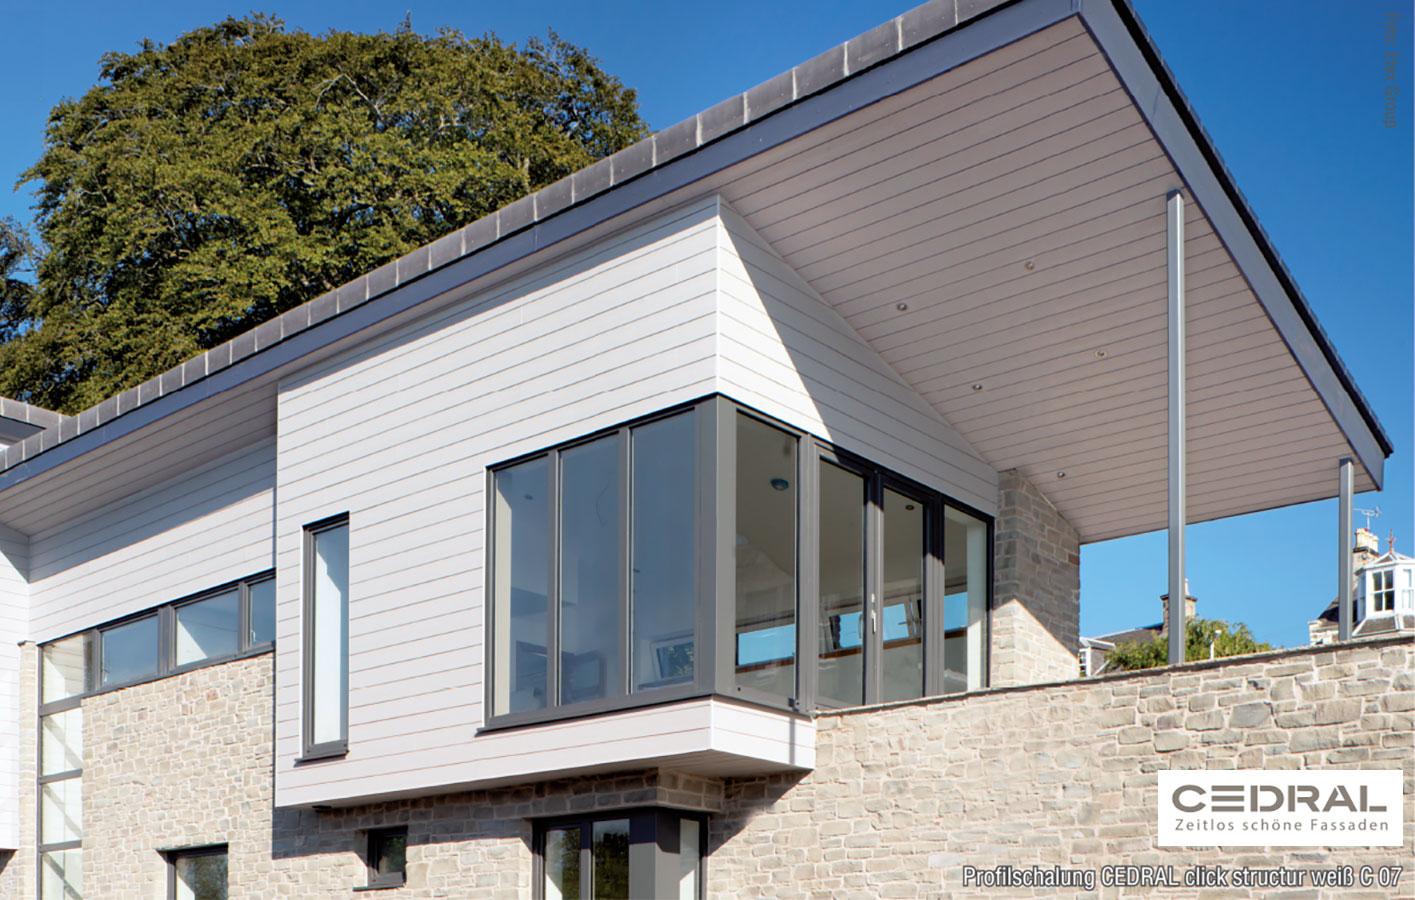 Cedral Click Profilschalung Eternit Fassadenpaneele Faserzement